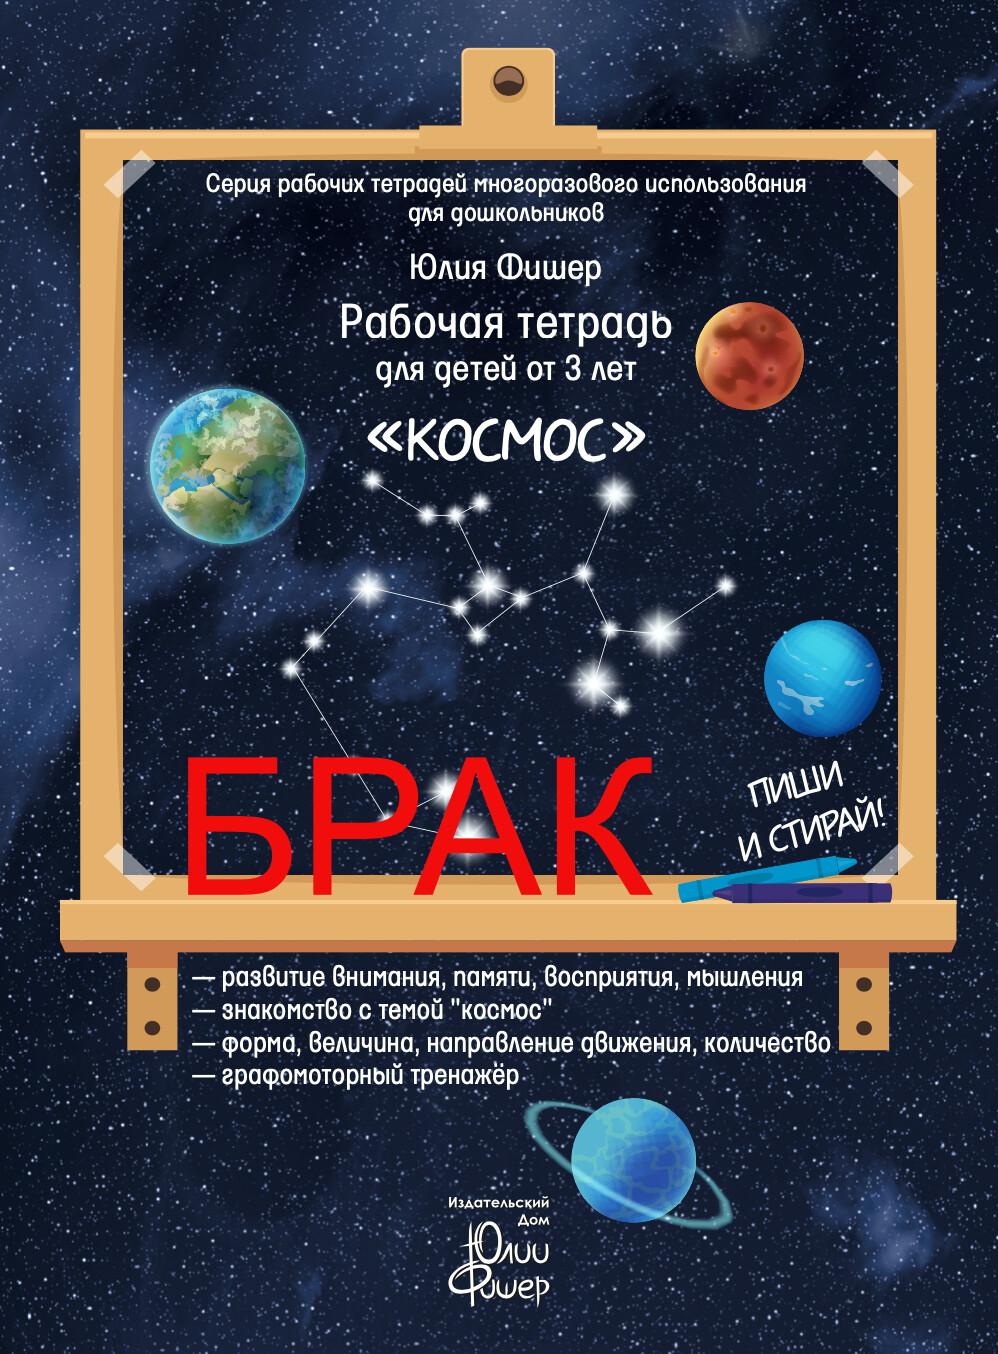 БРАК. Рабочая тетрадь для детей от 3 лет «Космос». Маркер в комплекте (зелёный)